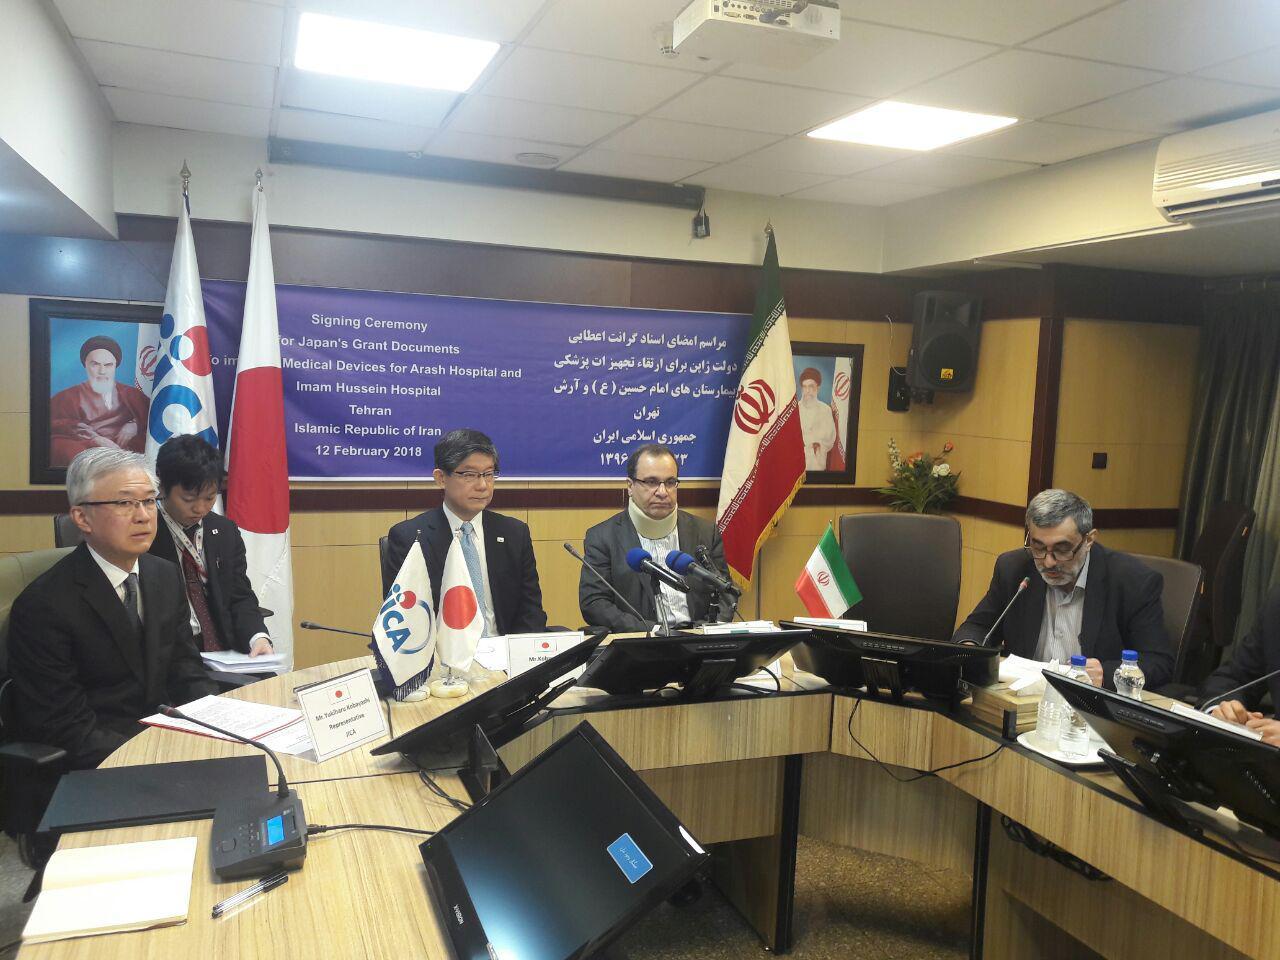 تأمین ۵۱۷ میلیارد تجهیزات پزشکی ۲ بیمارستان در ایران از سوی ژاپن